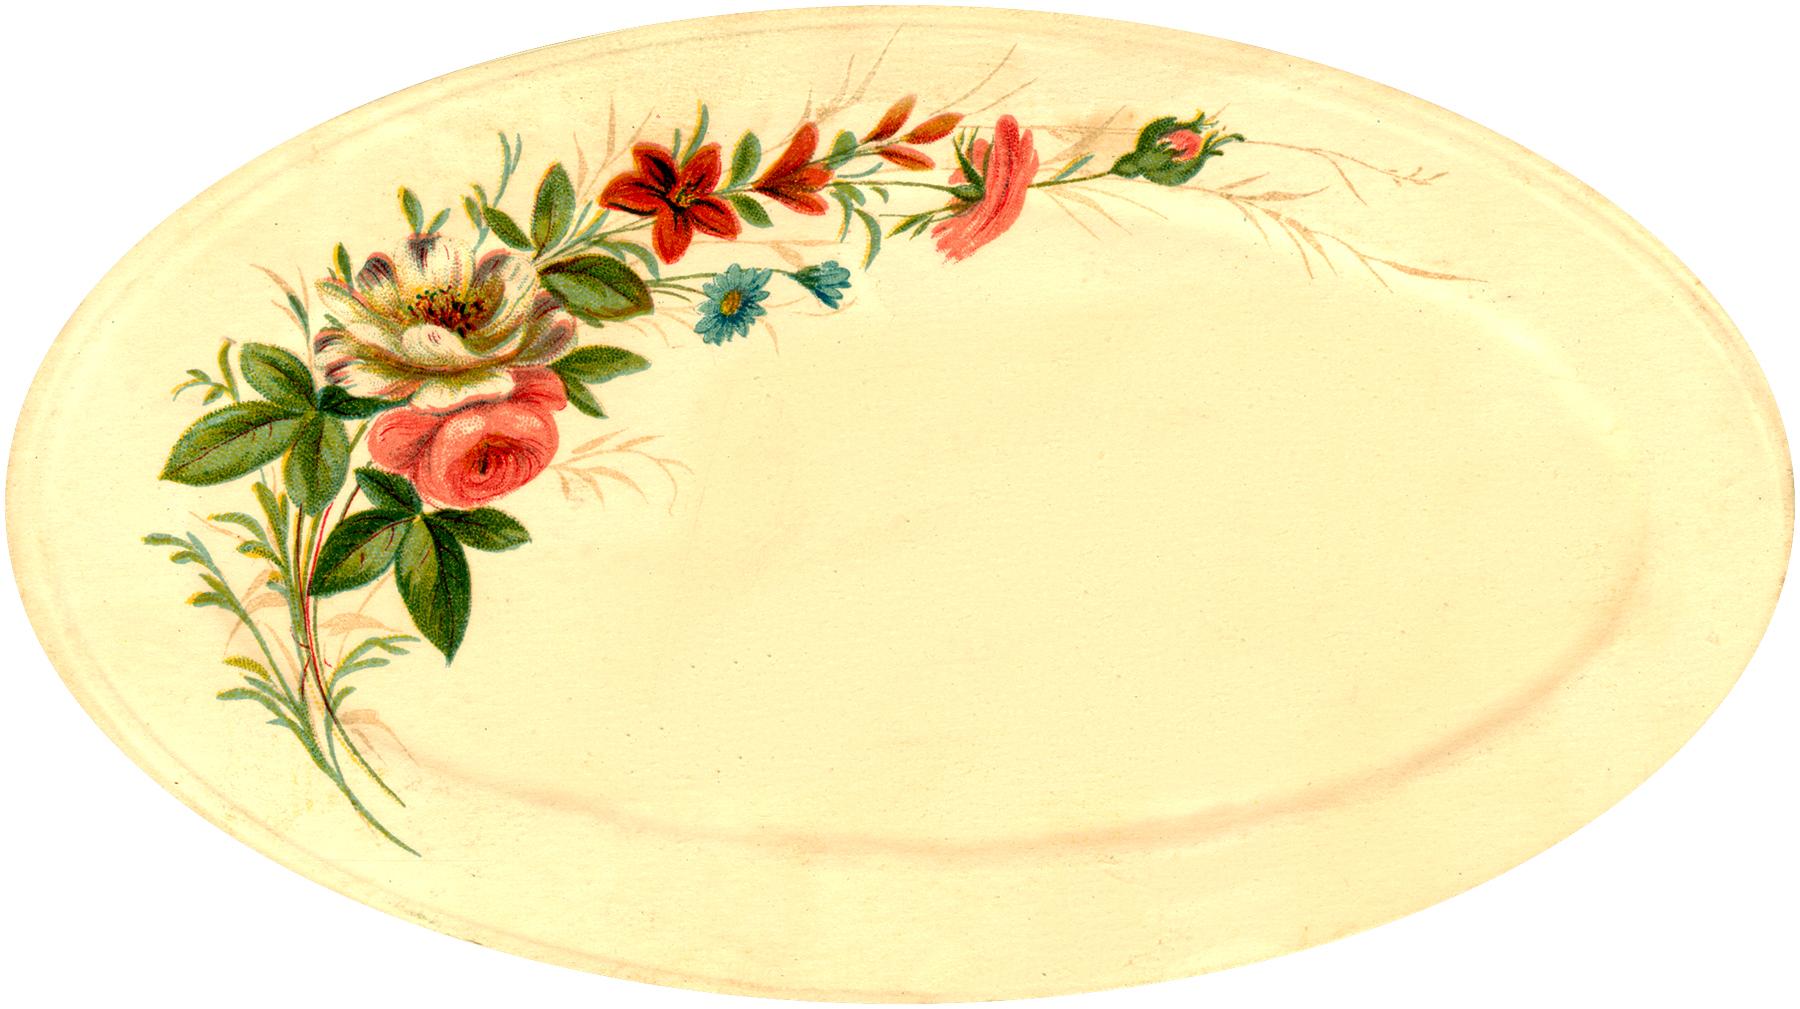 Vintage Floral Dish Freebie